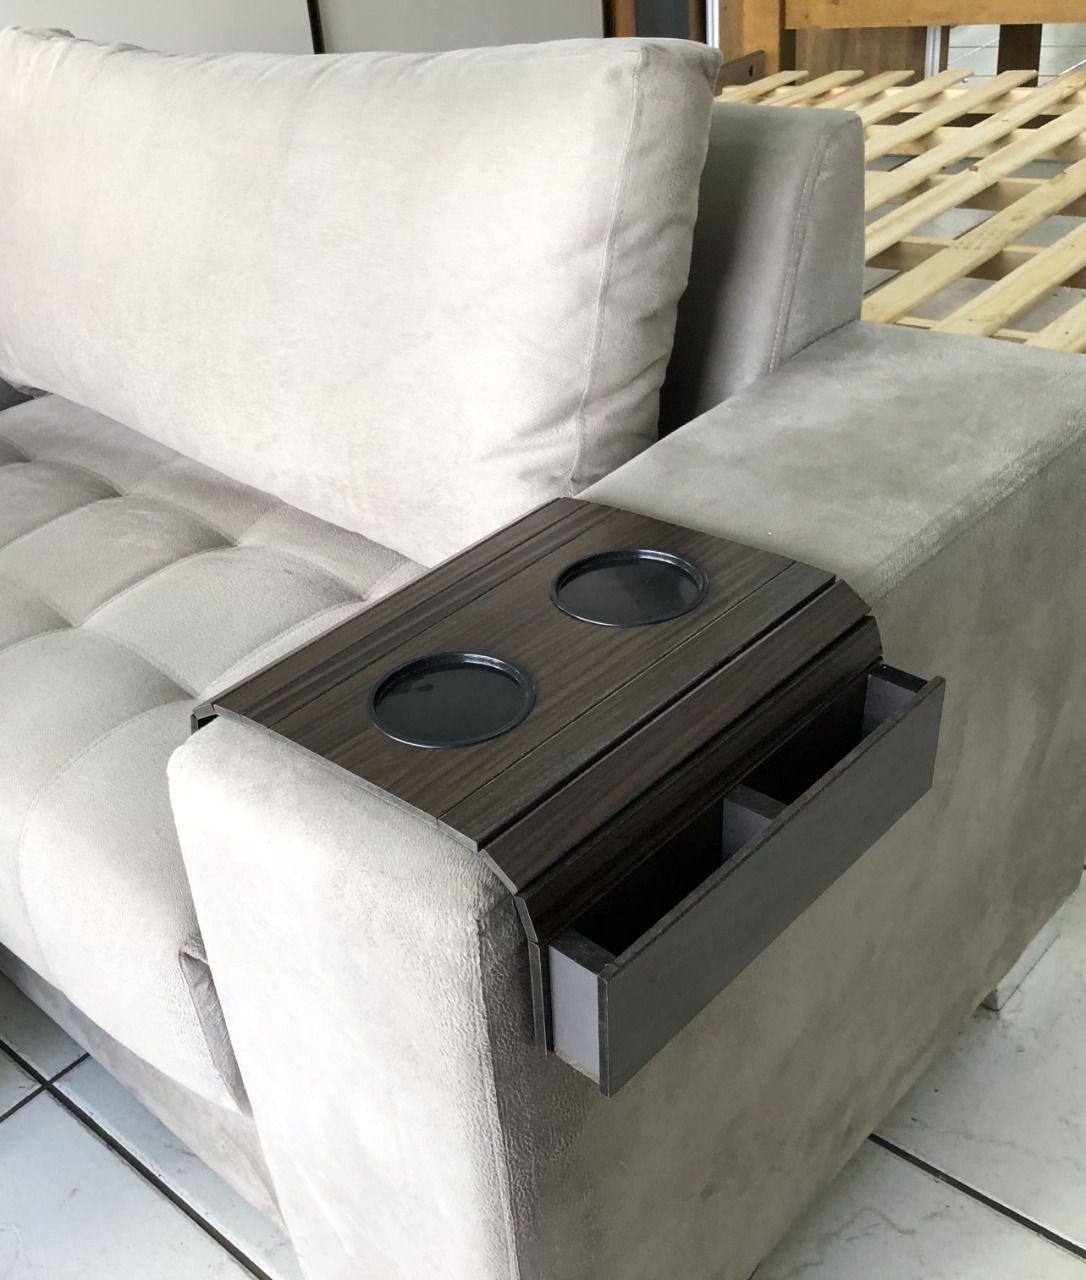 Esteira Bandeja para Sofá com Porta Copos e Porta Controles DM Interiores